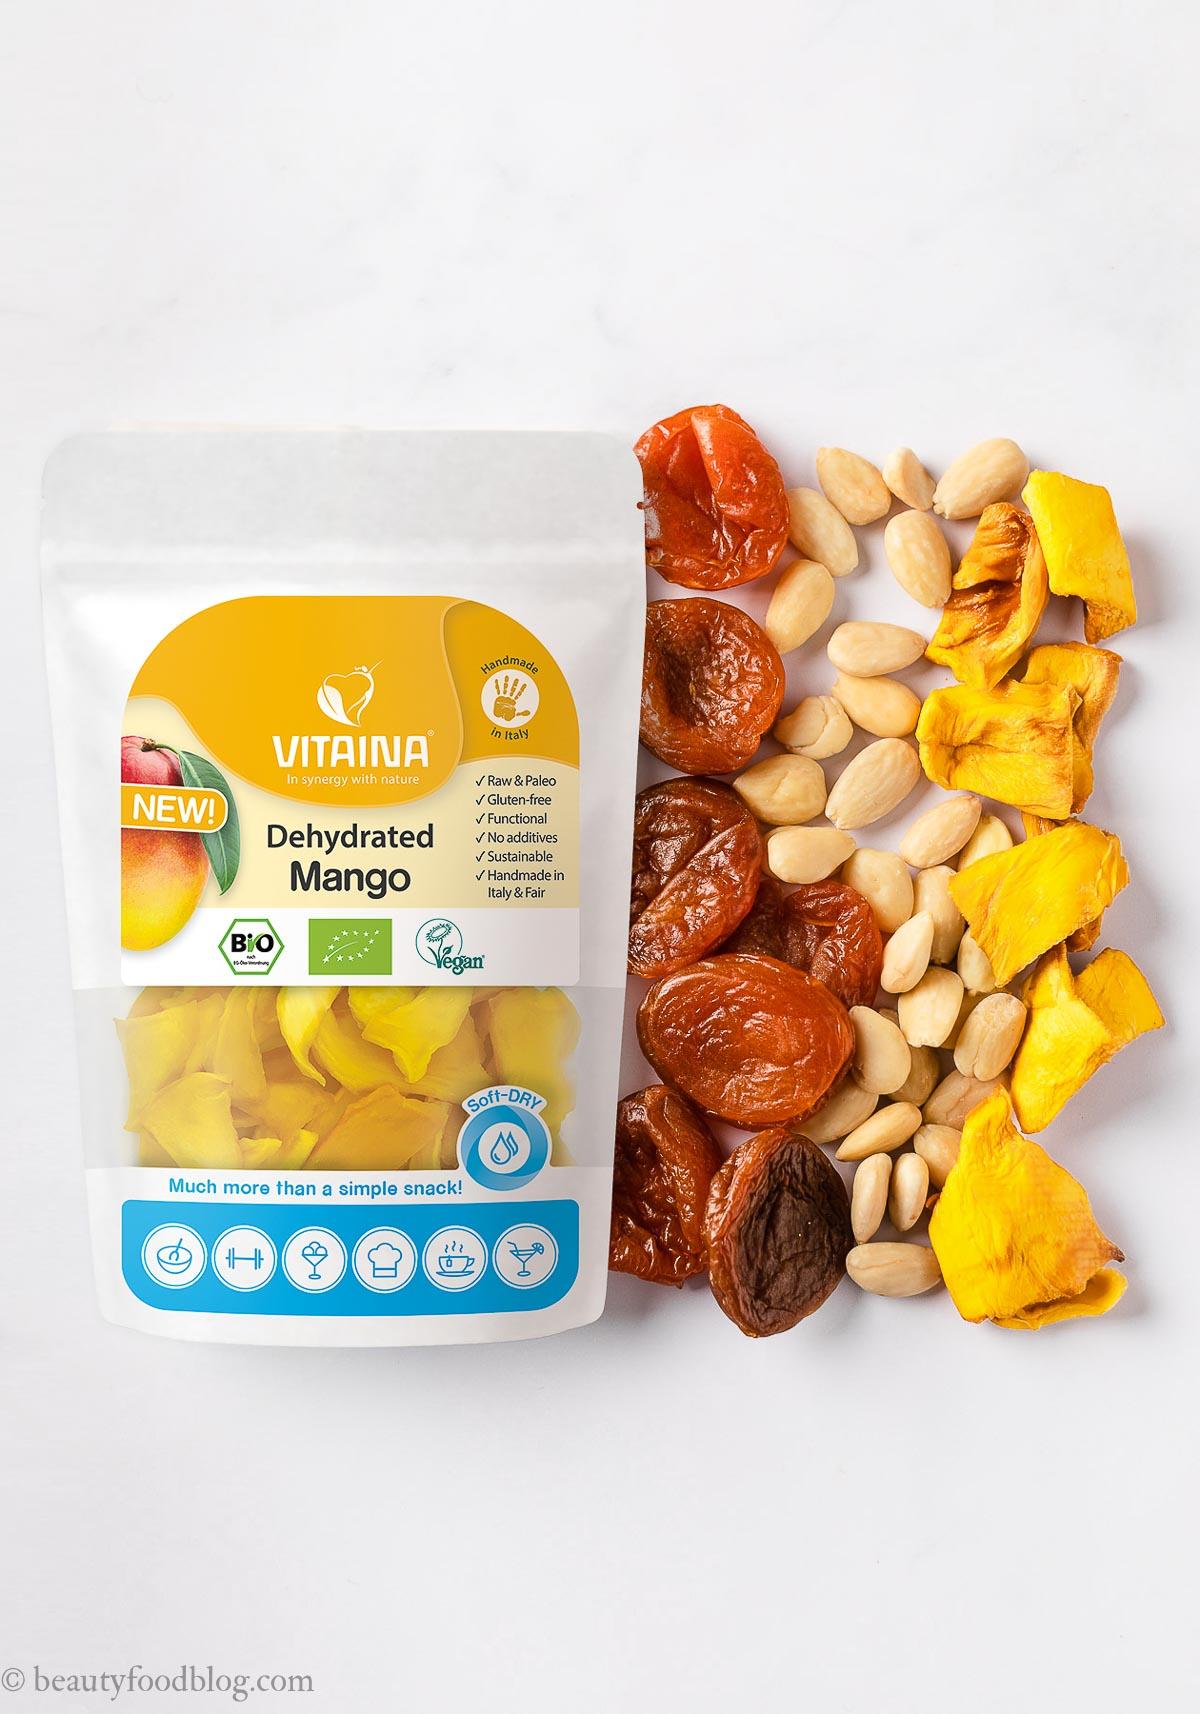 ingredienti barrette energetiche alle albicocche e mandorle senza zucchero apricot almond energy bars sugar-free con Mango Vitaina